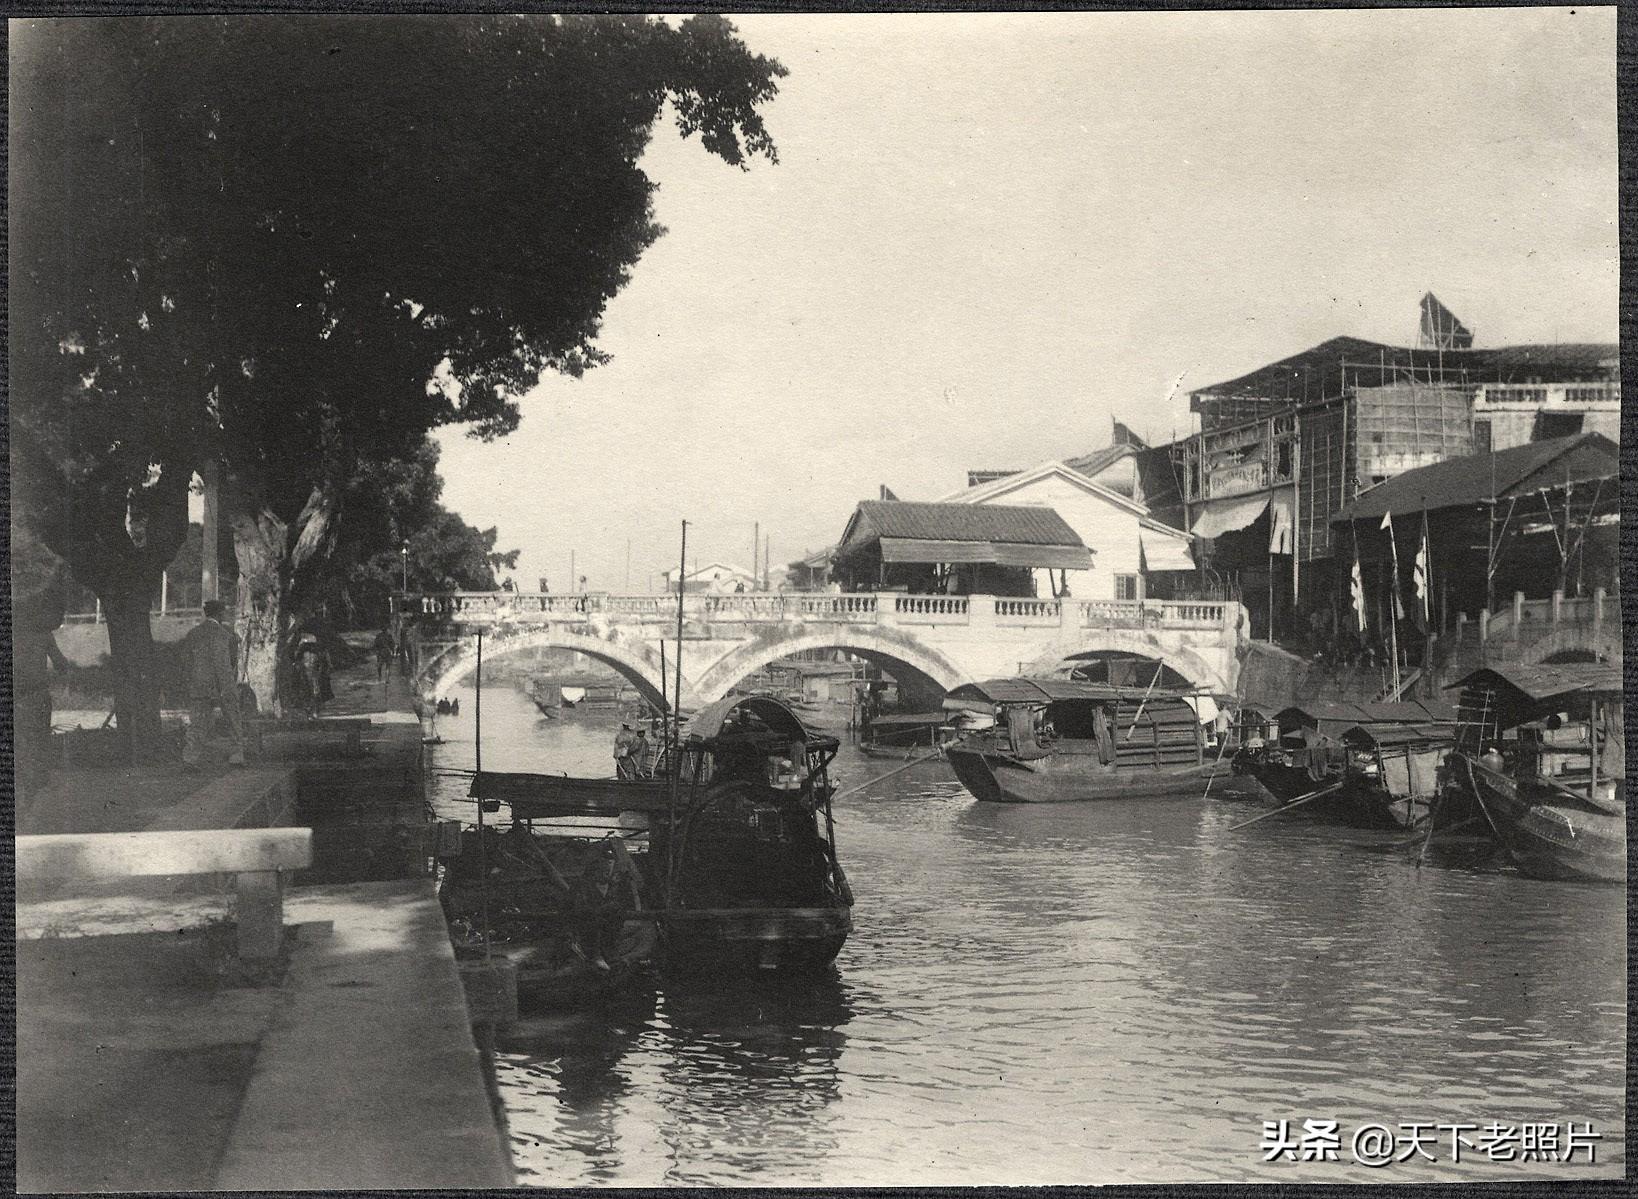 1905年的广州照 美国政府代表团访华时随行拍摄